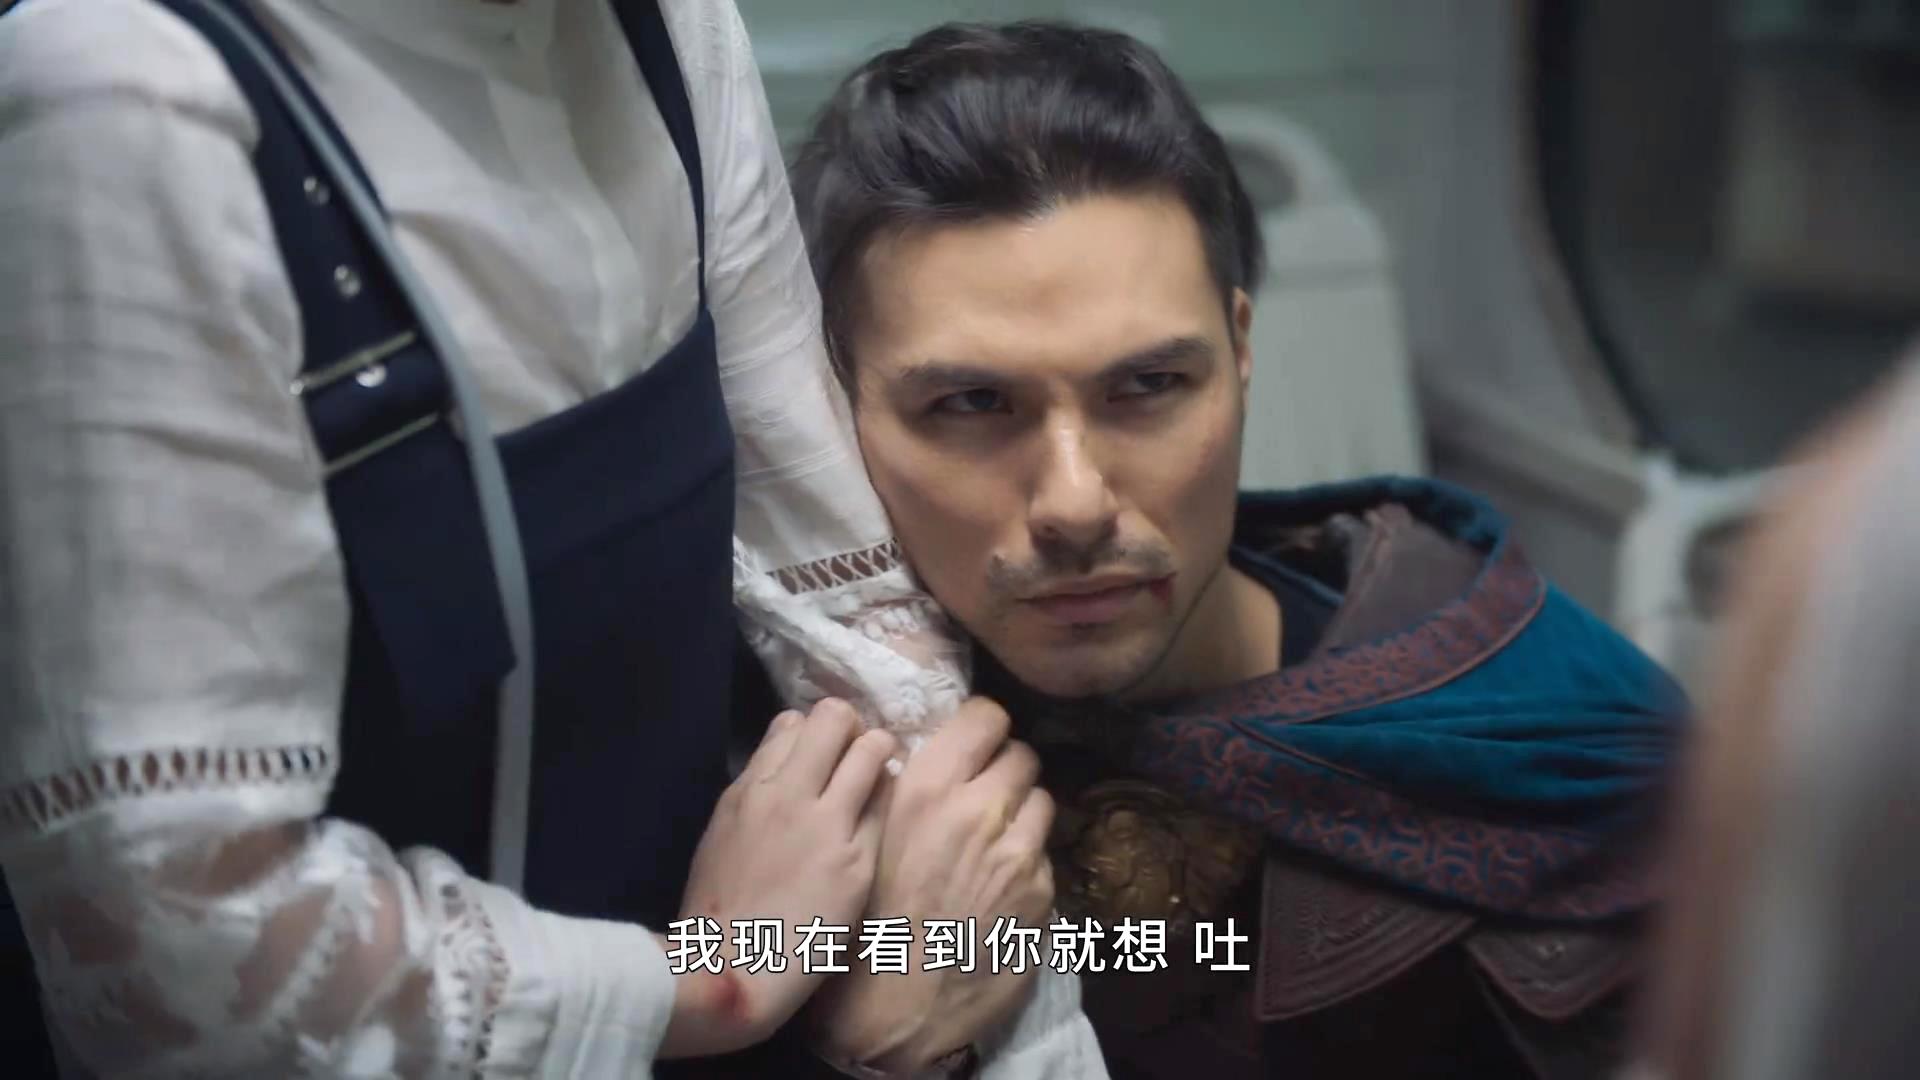 《我的巴比伦恋人》全集电视剧百度云【1080p网盘资源分享】